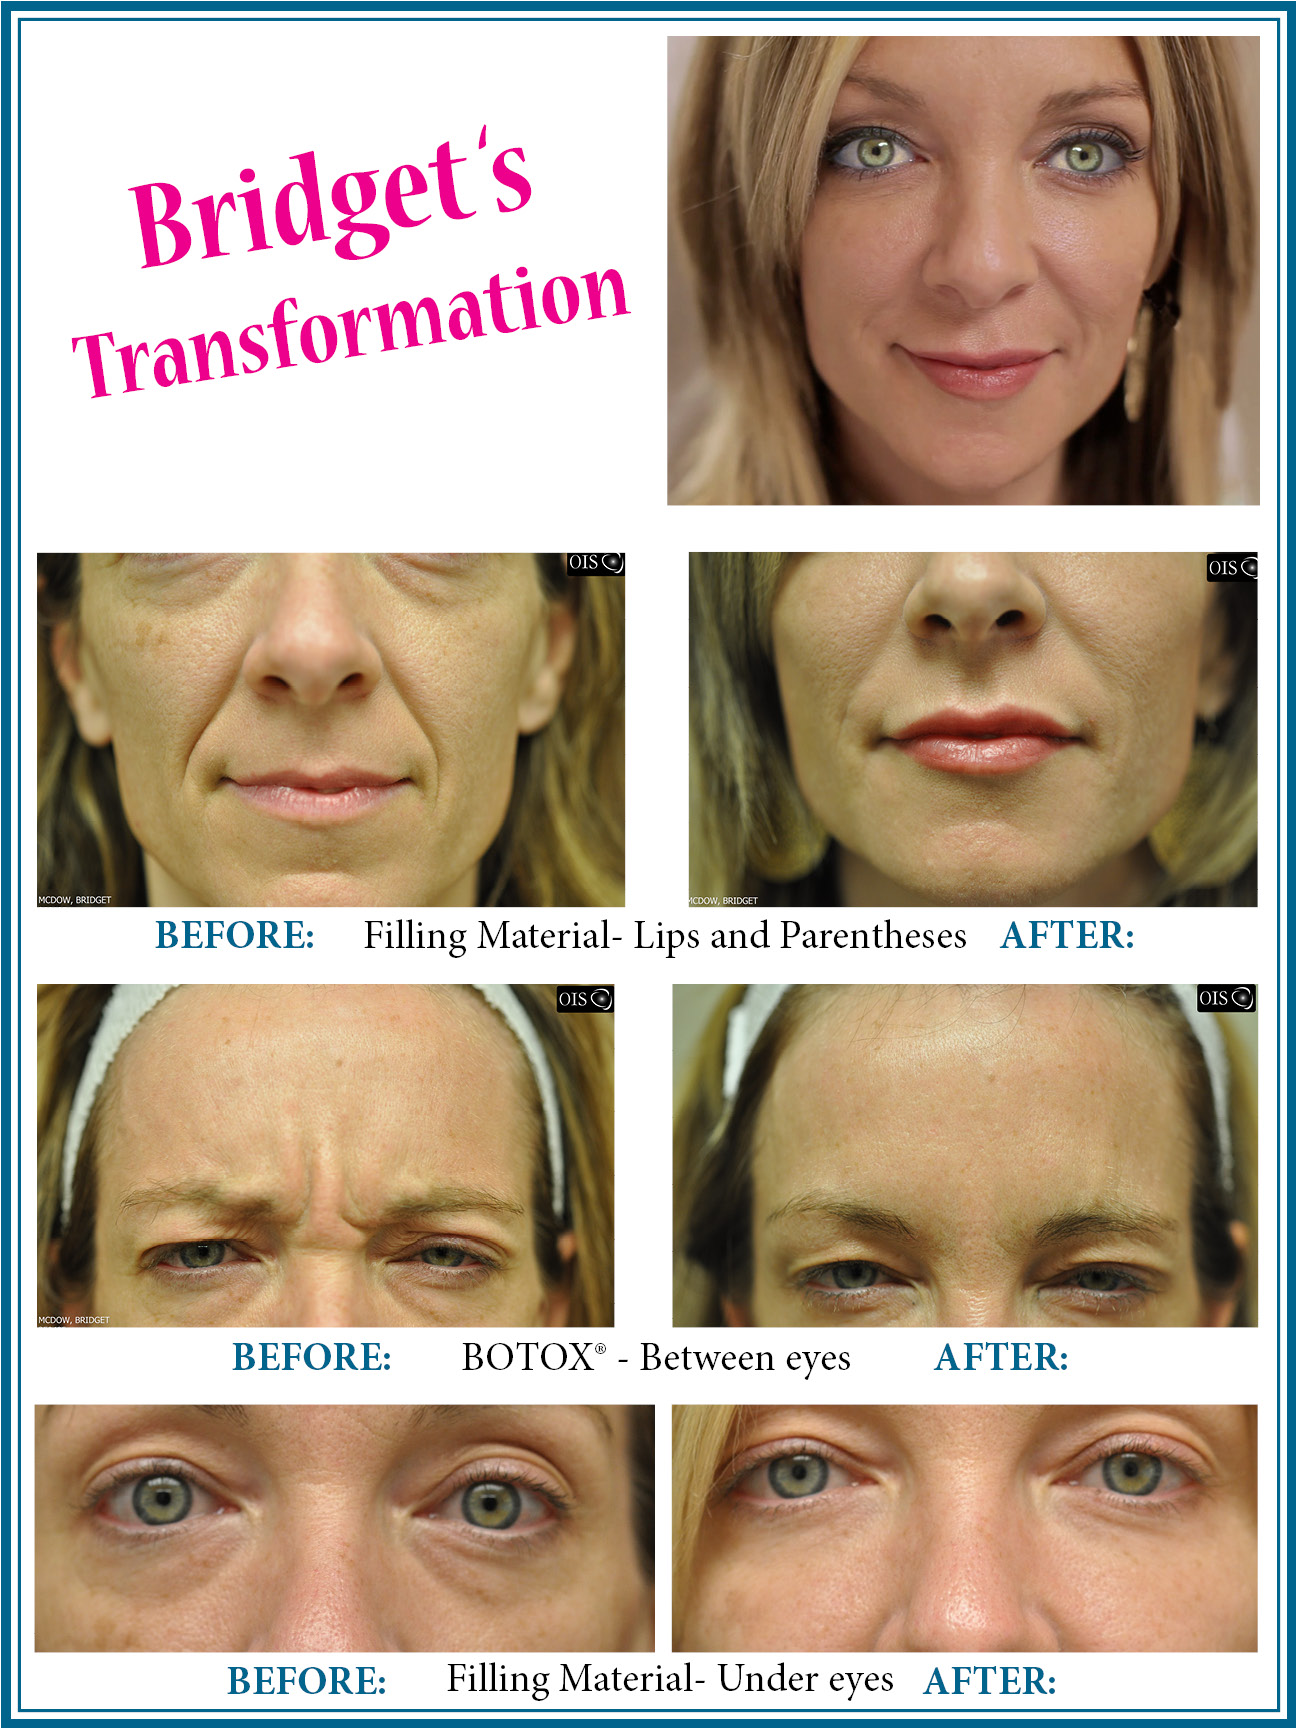 sutton-ryan-patient-transformation